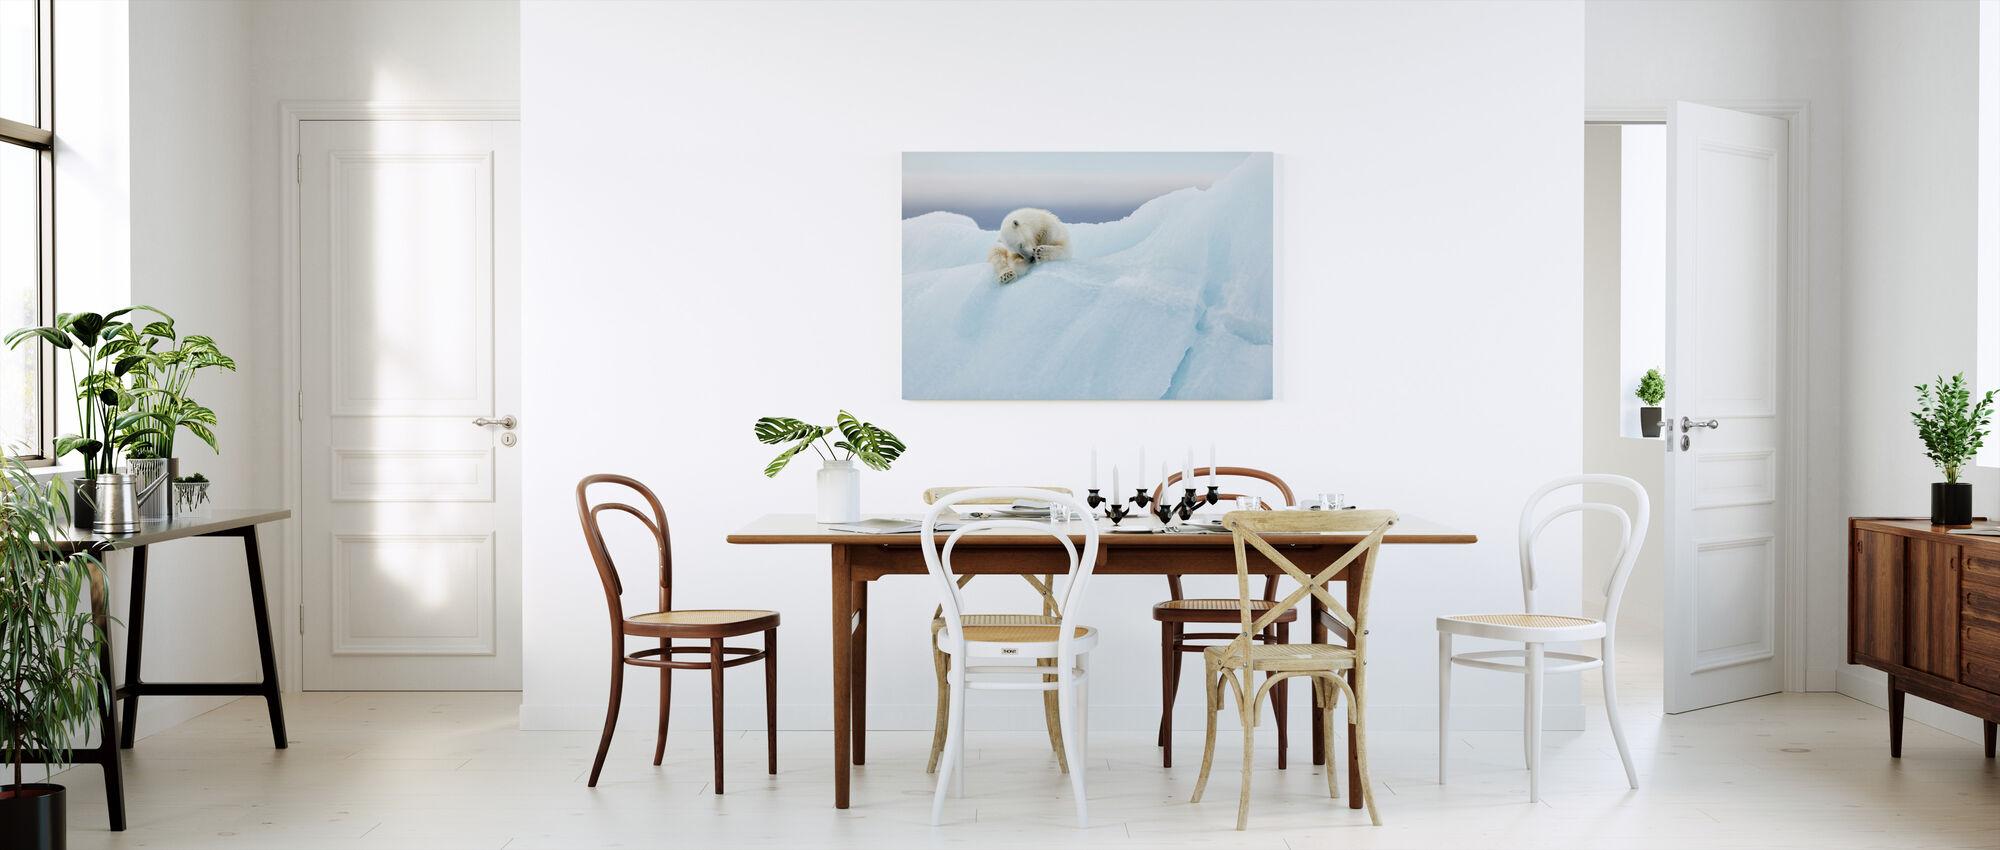 Isbjørn Grooming - Lerretsbilde - Kjøkken